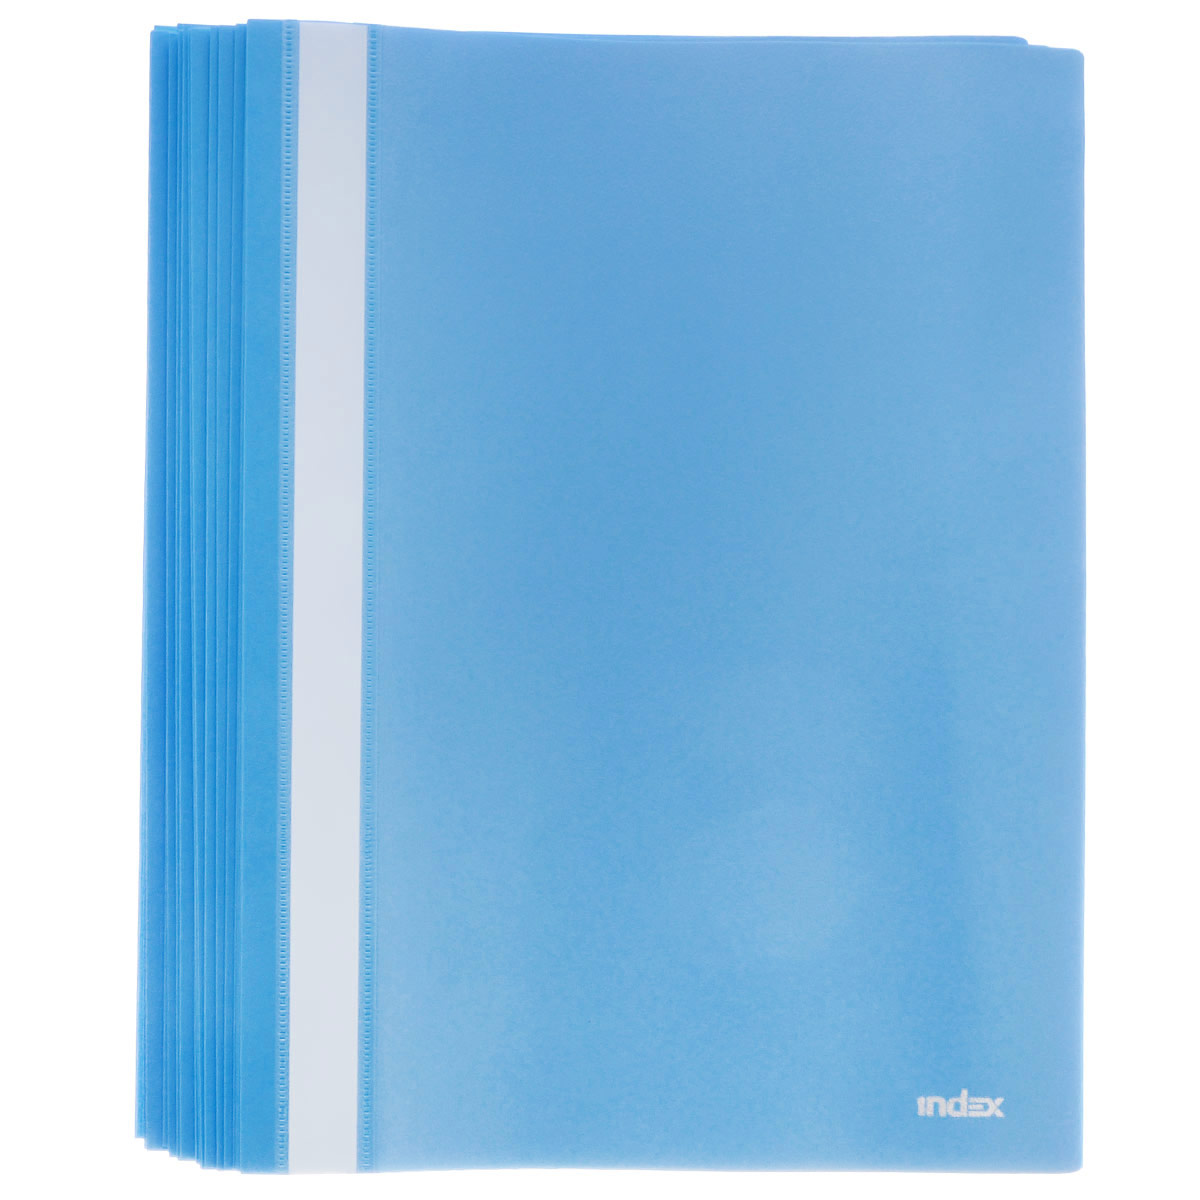 Папка-скоросшиватель Index, цвет: синий. Формат А4, 20 штFS-36052Папка-скоросшиватель Index, изготовленная из высококачественного полипропилена, это удобный и практичный офисный инструмент, предназначенный для хранения и транспортировки рабочих бумаг и документов формата А4. Папка оснащена верхним прозрачным матовым листом и металлическим зажимом внутри для надежного удержания бумаг. В наборе - 20 папок.Папка-скоросшиватель - это незаменимый атрибут для студента, школьника, офисного работника. Такая папка надежно сохранит ваши документы и сбережет их от повреждений, пыли и влаги.Комплектация: 20 шт.